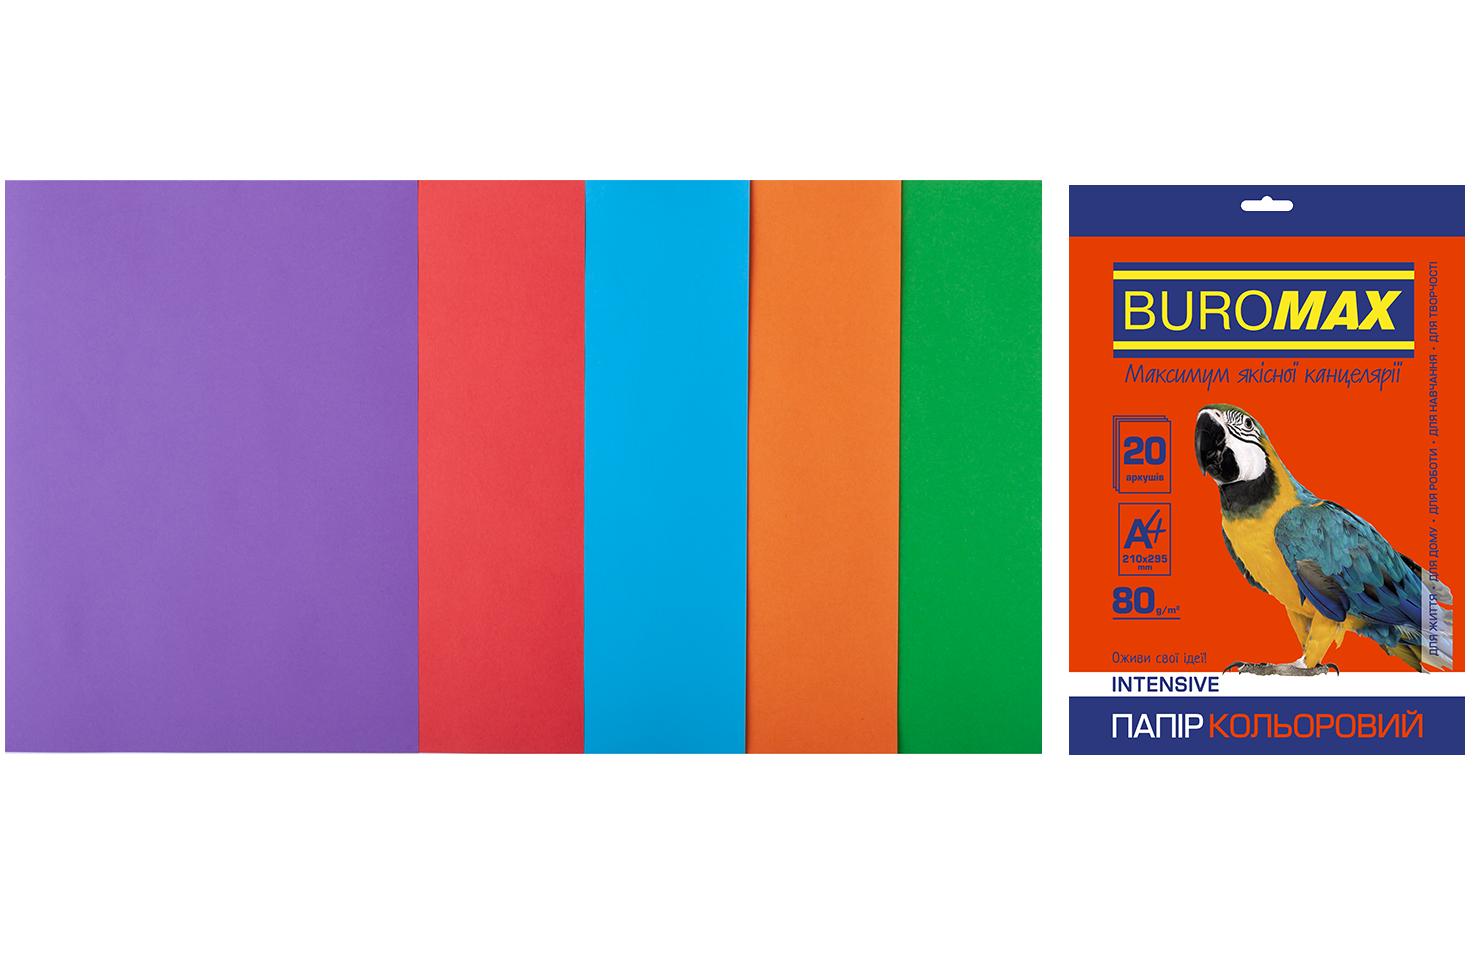 Набор цветной бумаги Buromax INTENSIV, А4, 80г/м2, 20 листов, ассорти